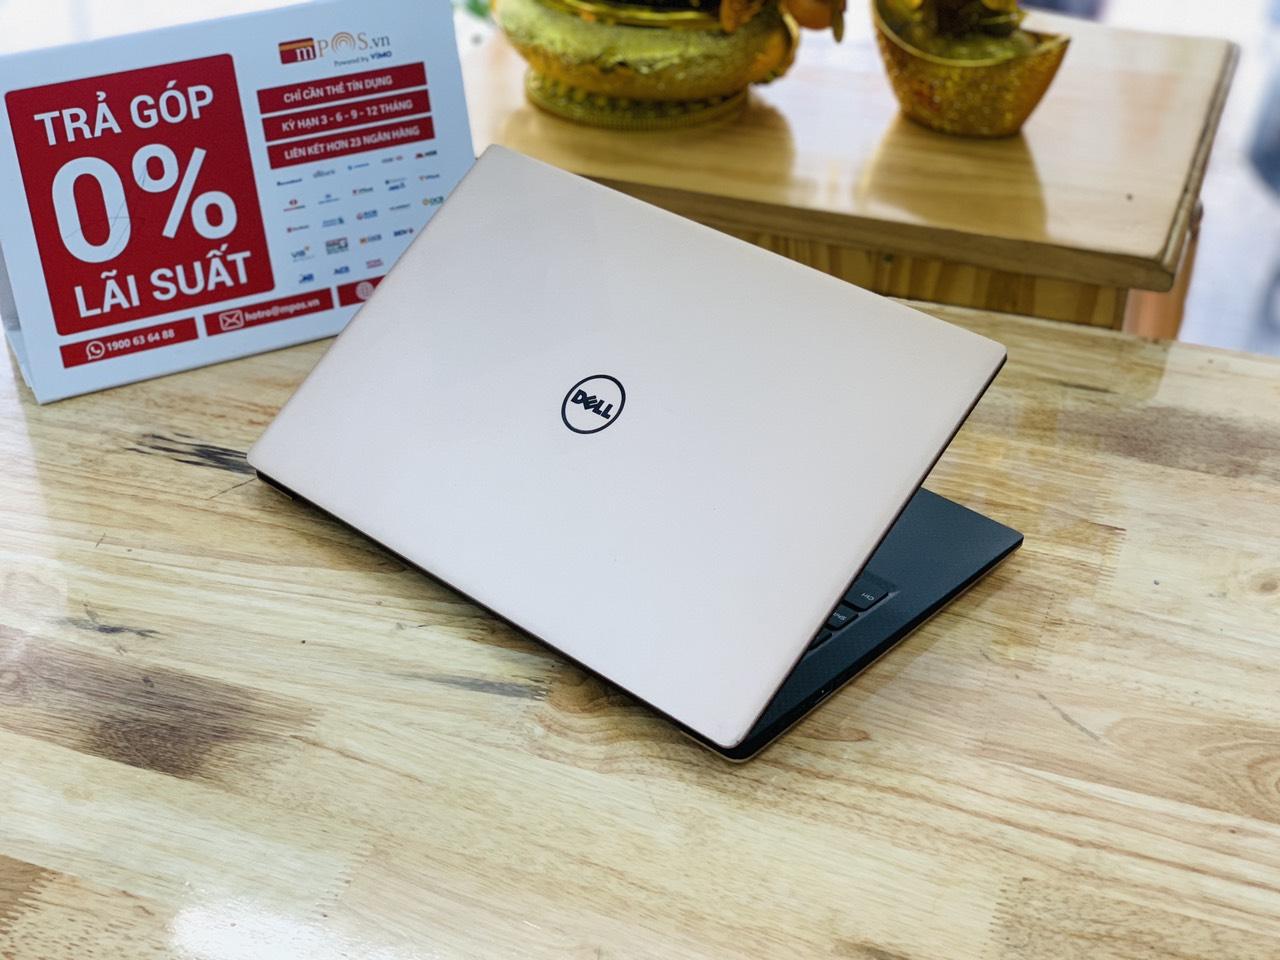 Dell XPS 13 9360 i7